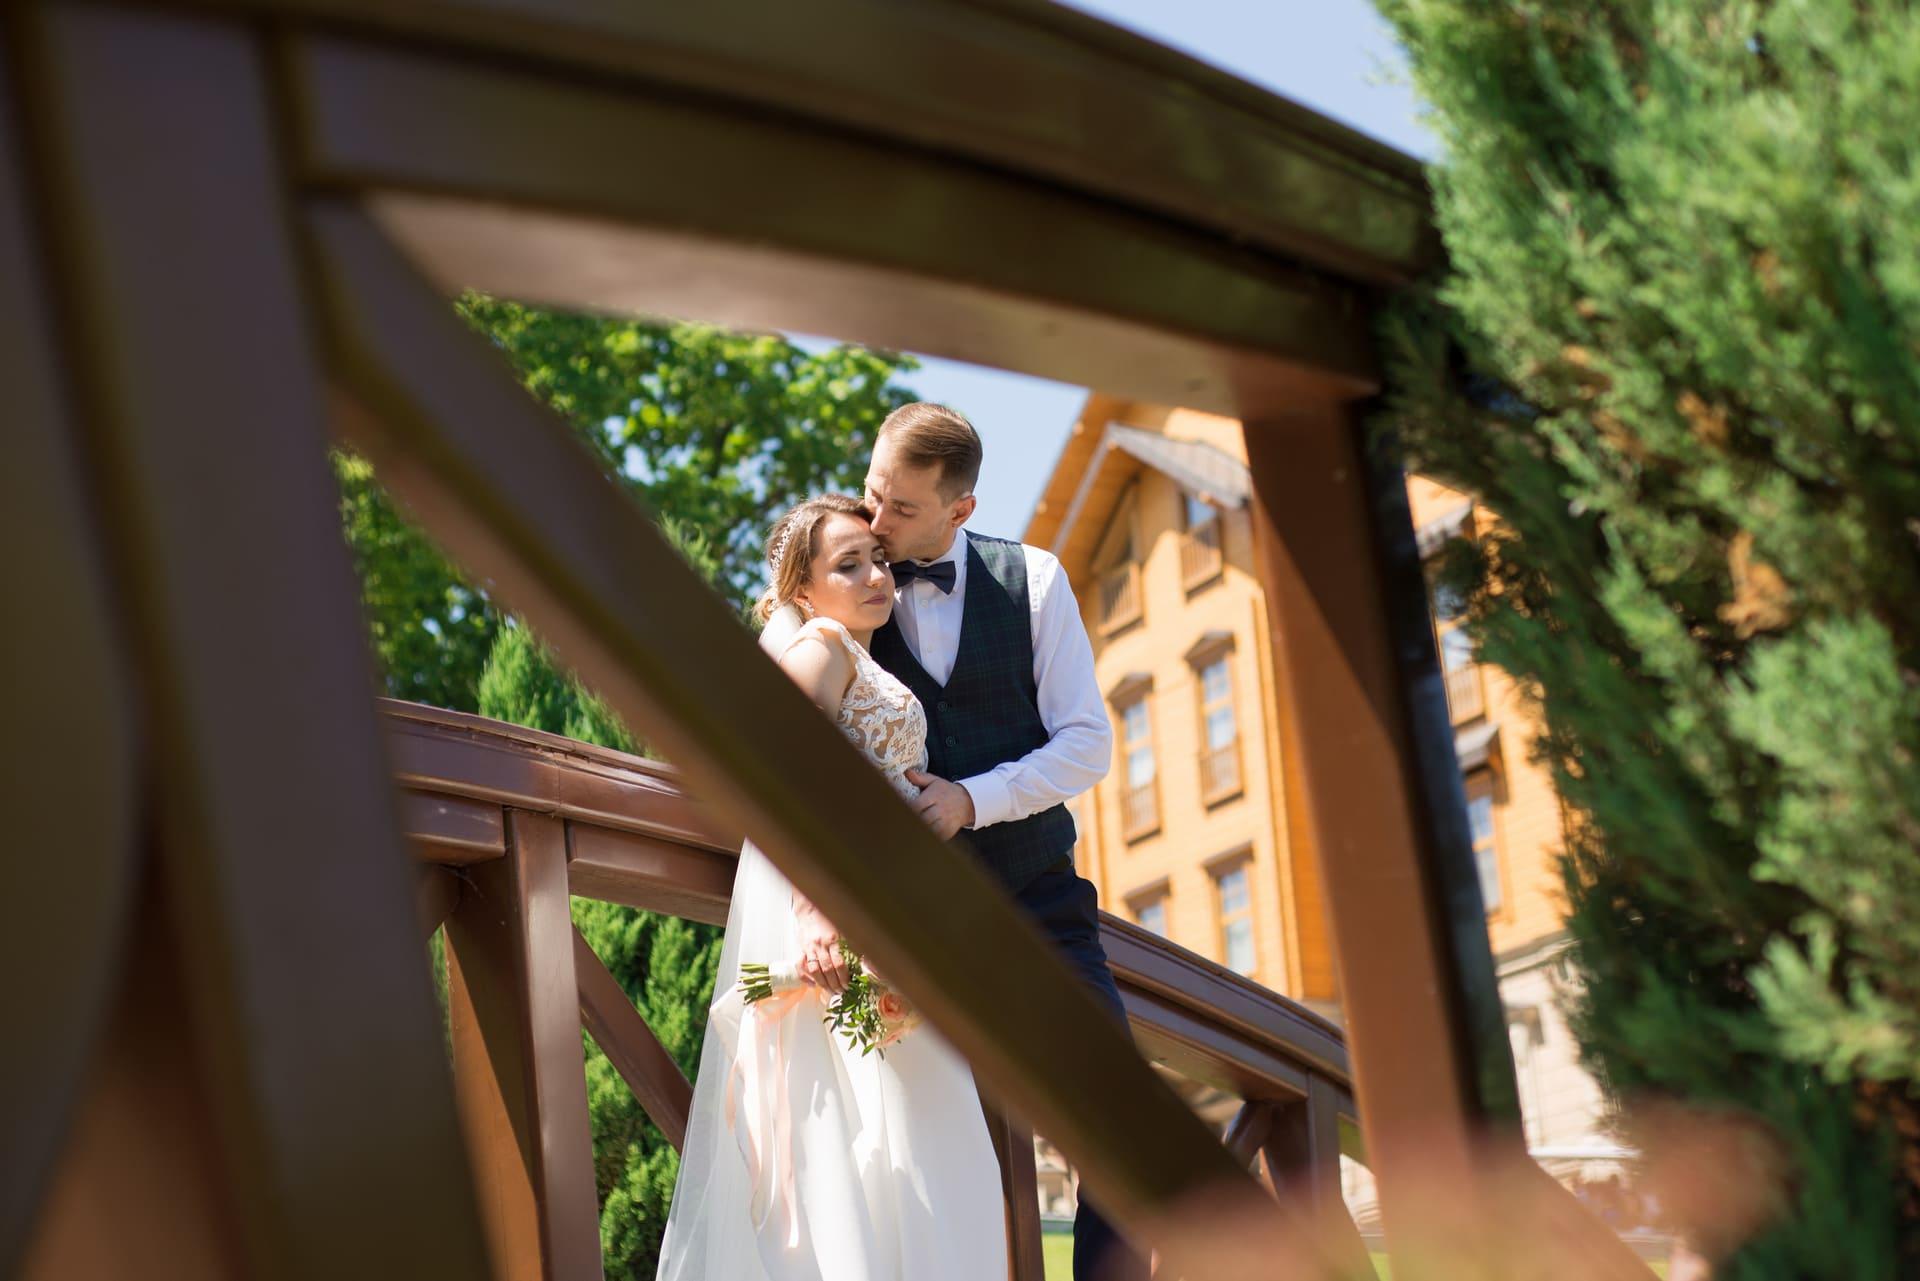 Свадебная фотосессия в Межигорье: Жених и невеста на мостике в парке